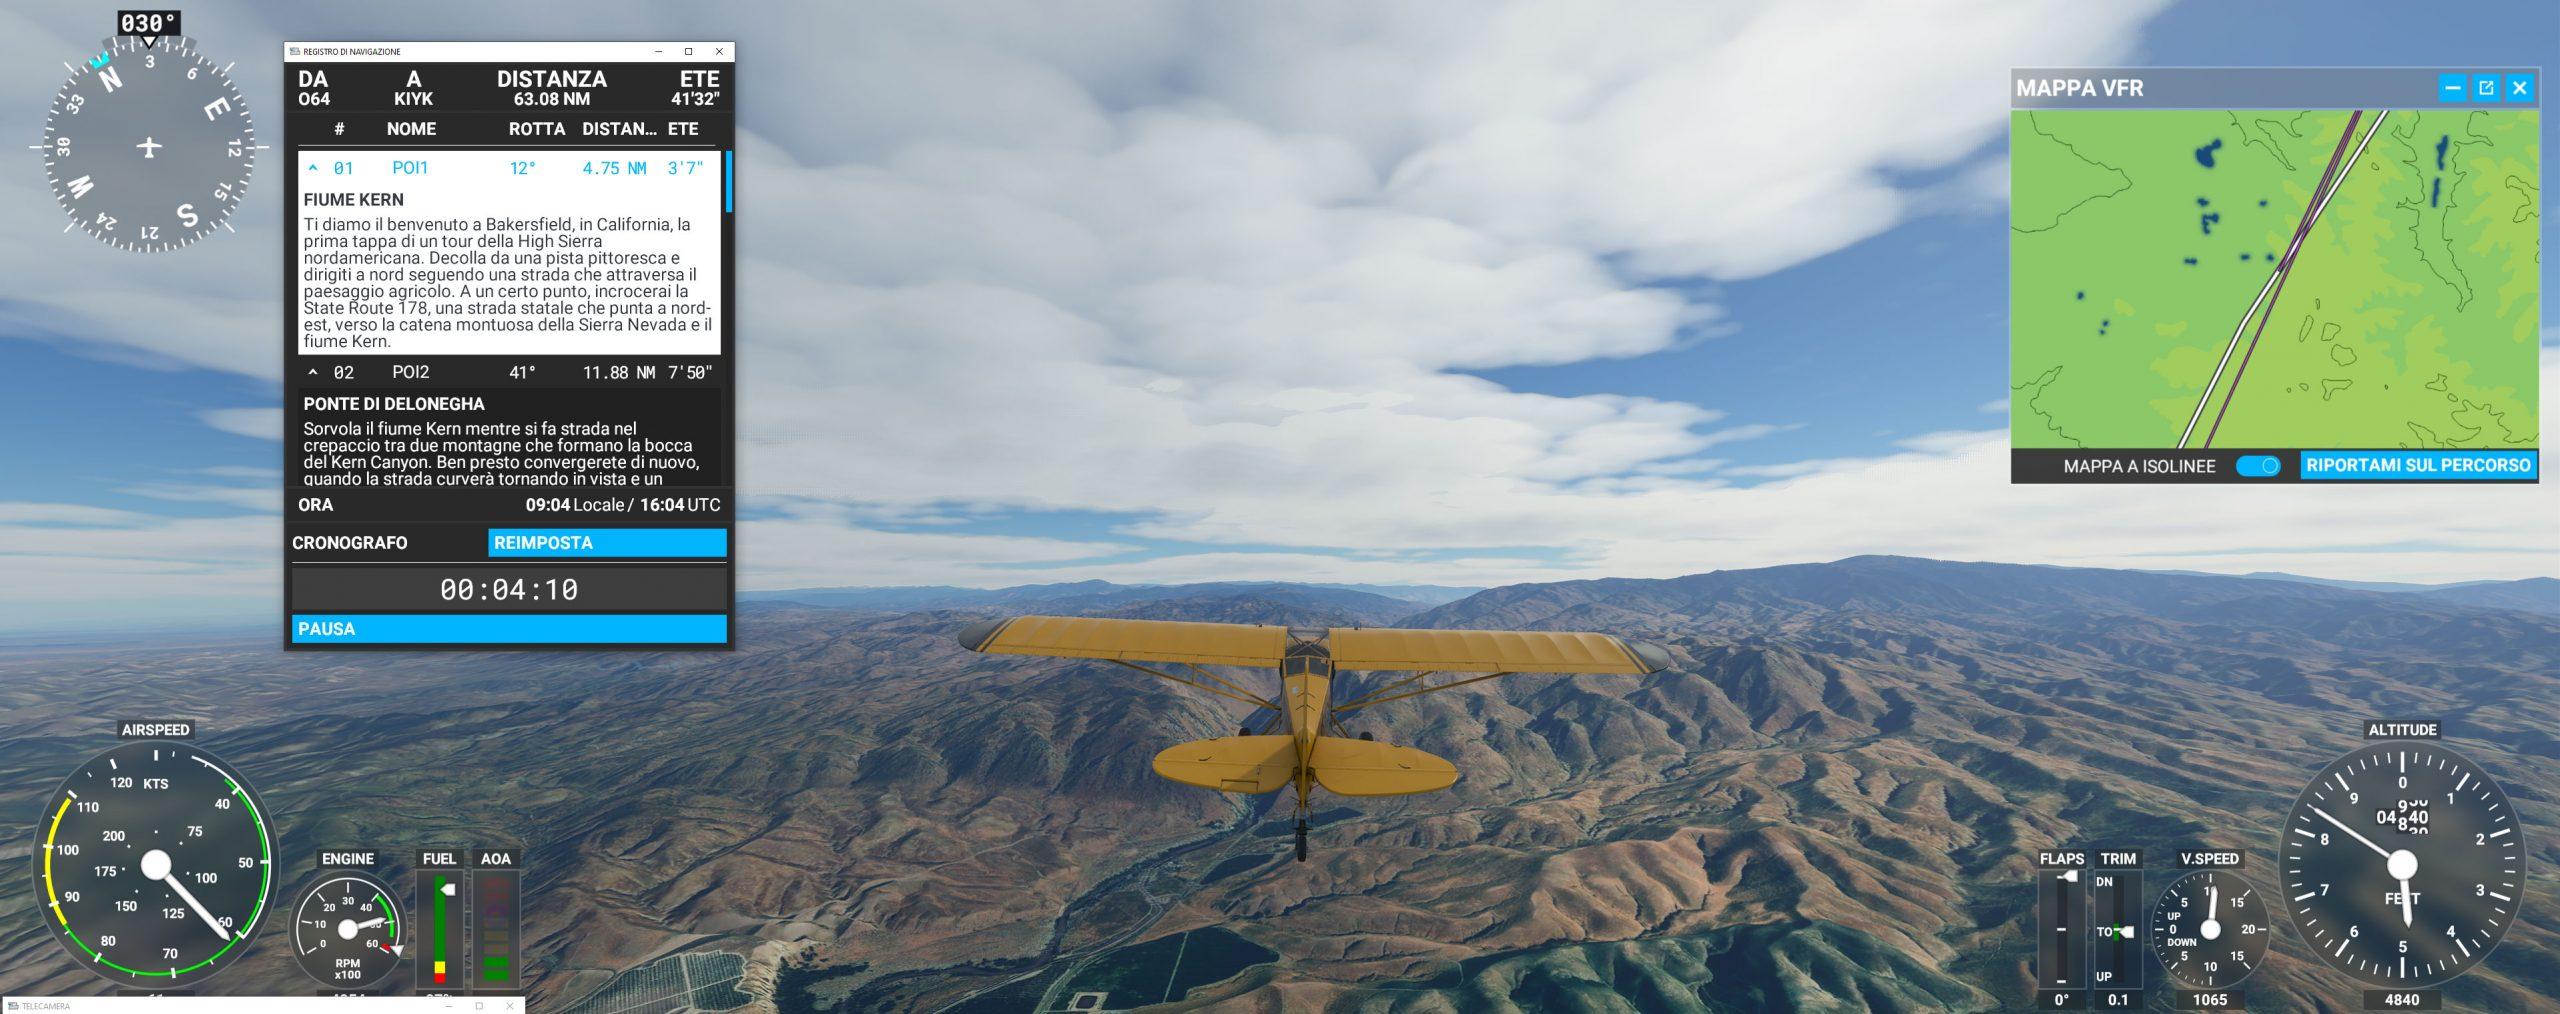 Microsoft Flight Simulator recensione escursione naturalistica